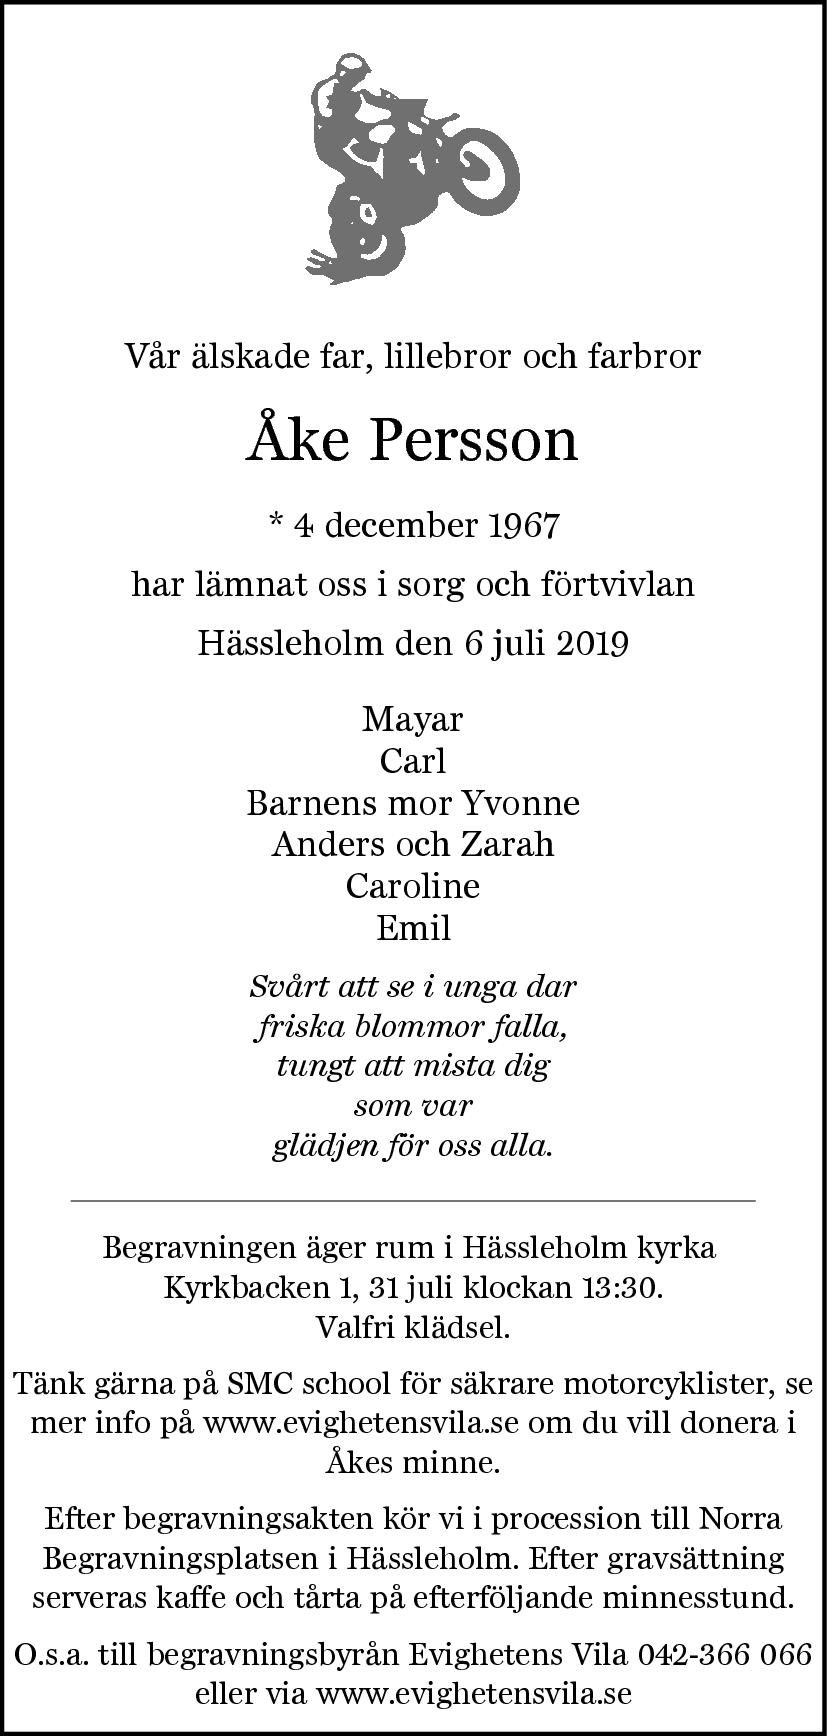 Åke Persson Hässleholm 6 juli 2019 - Dödsannons Evighetens Vila Begravningsbyrå